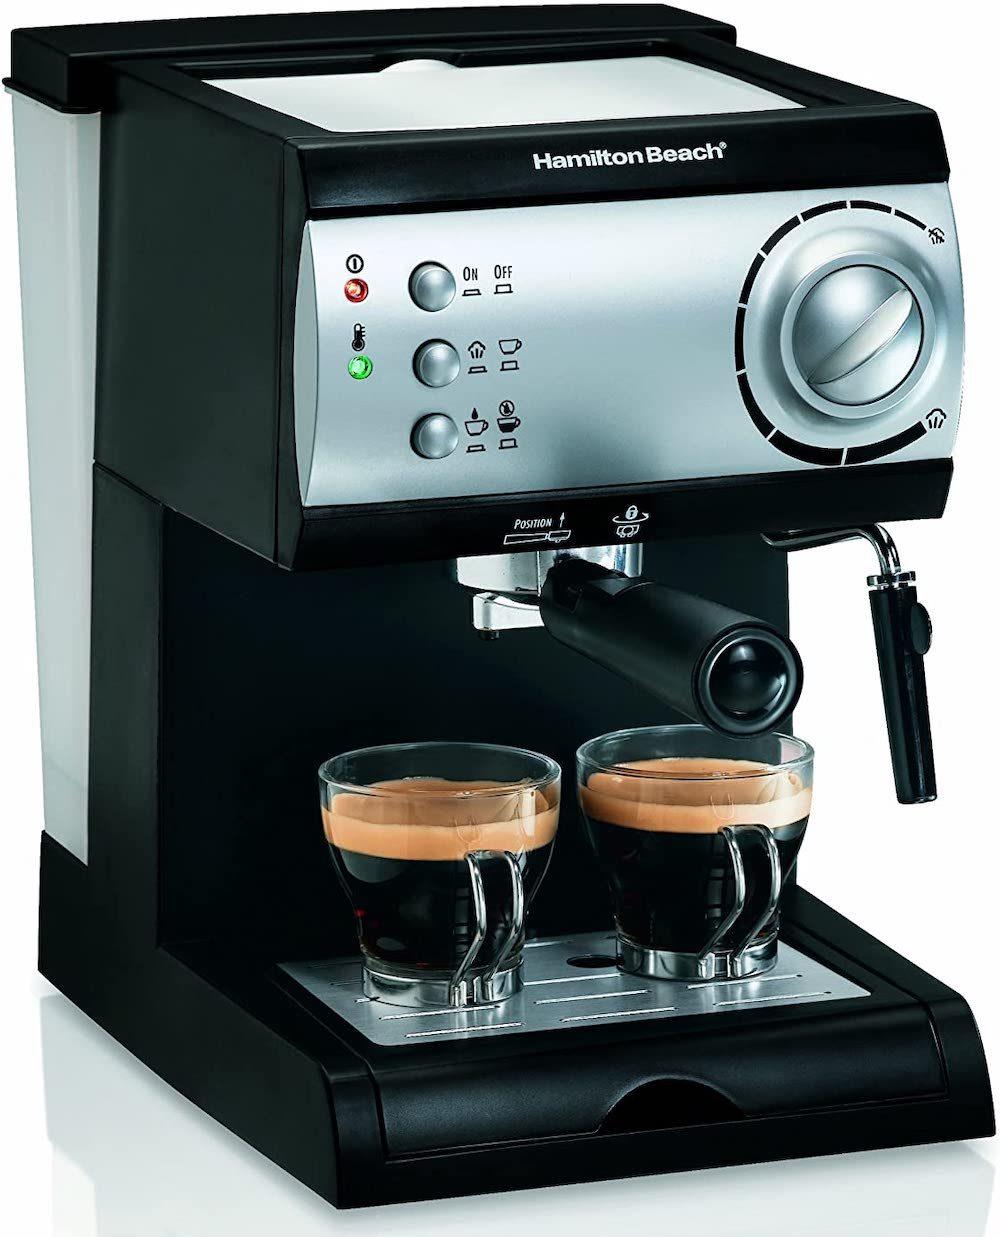 Hamilton Beach 40715 Budget Espresso Machine